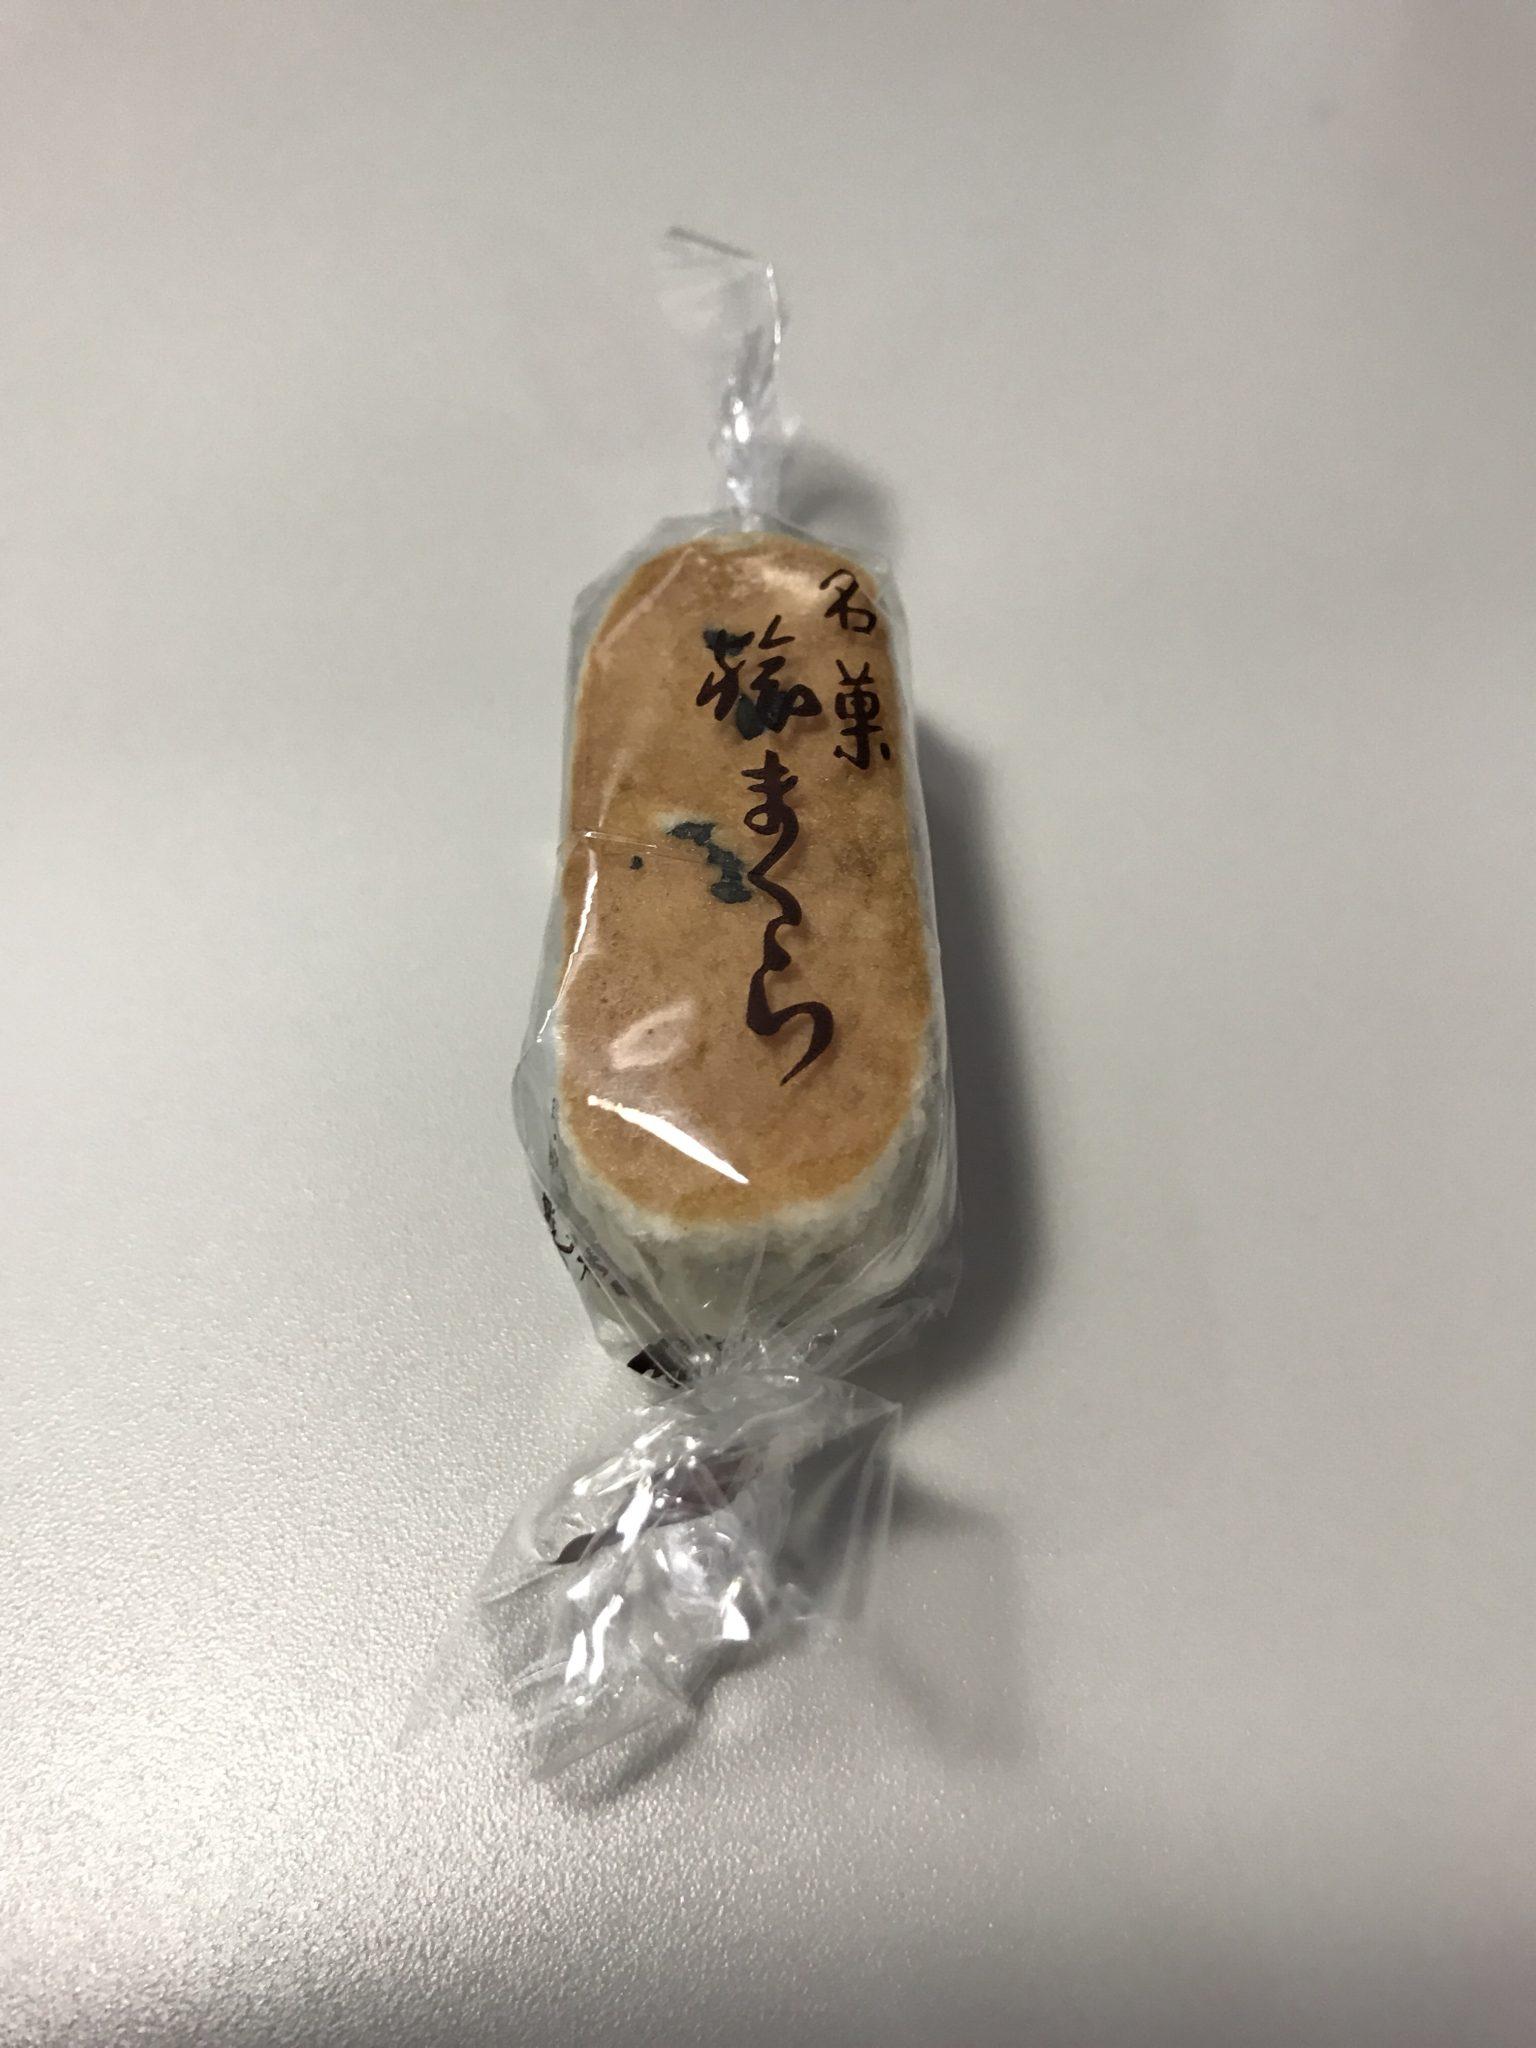 『グルメ』名古屋銘菓、両口屋是清